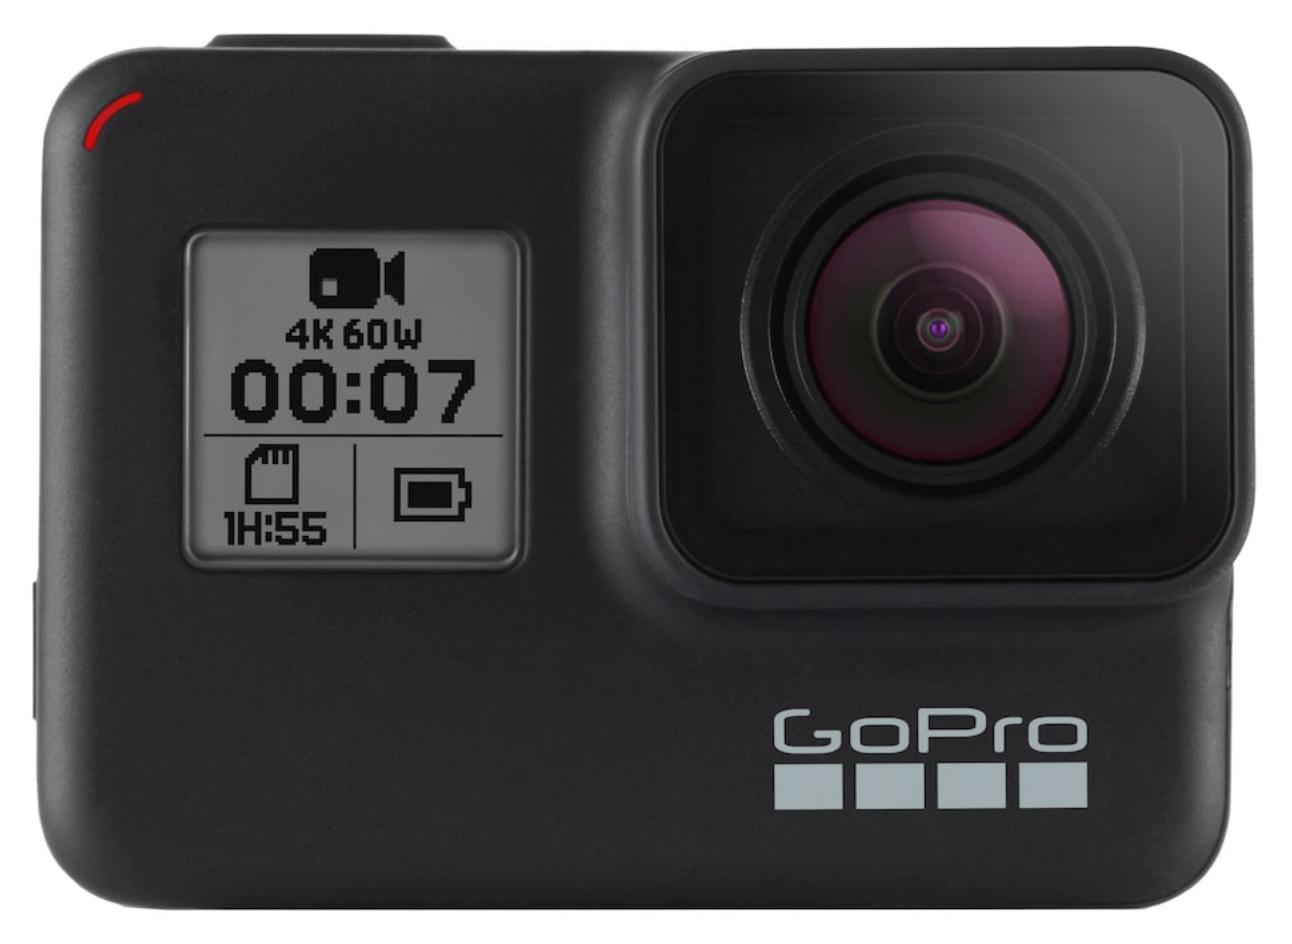 Bedste action kamera – GoPro Hero 7 Black